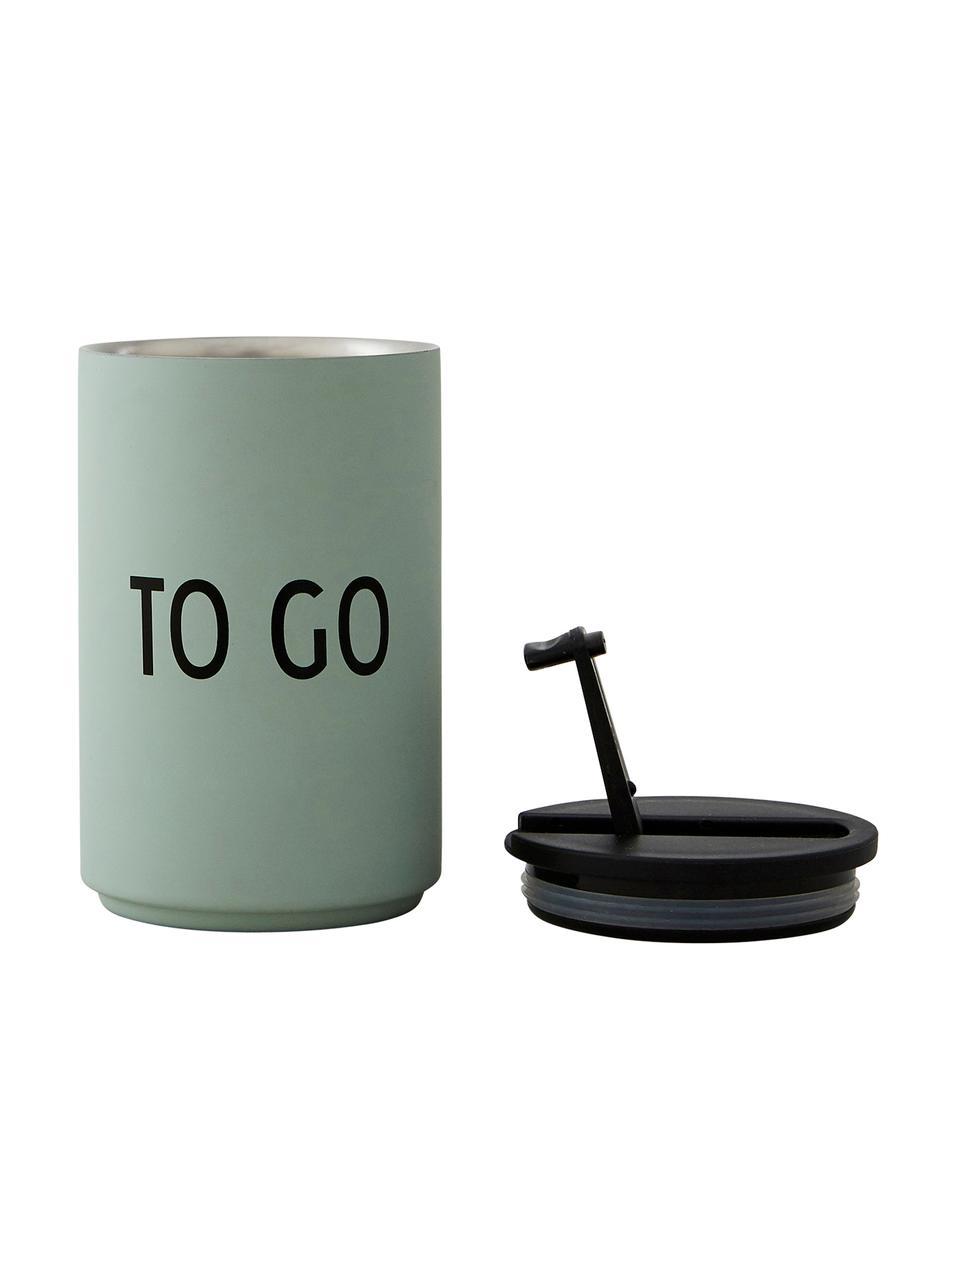 Tazza senza manico multiuso per caffè Favourite TO GO, Acciaio inossidabile rivestito, Verde, Ø 8 x Alt. 13 cm